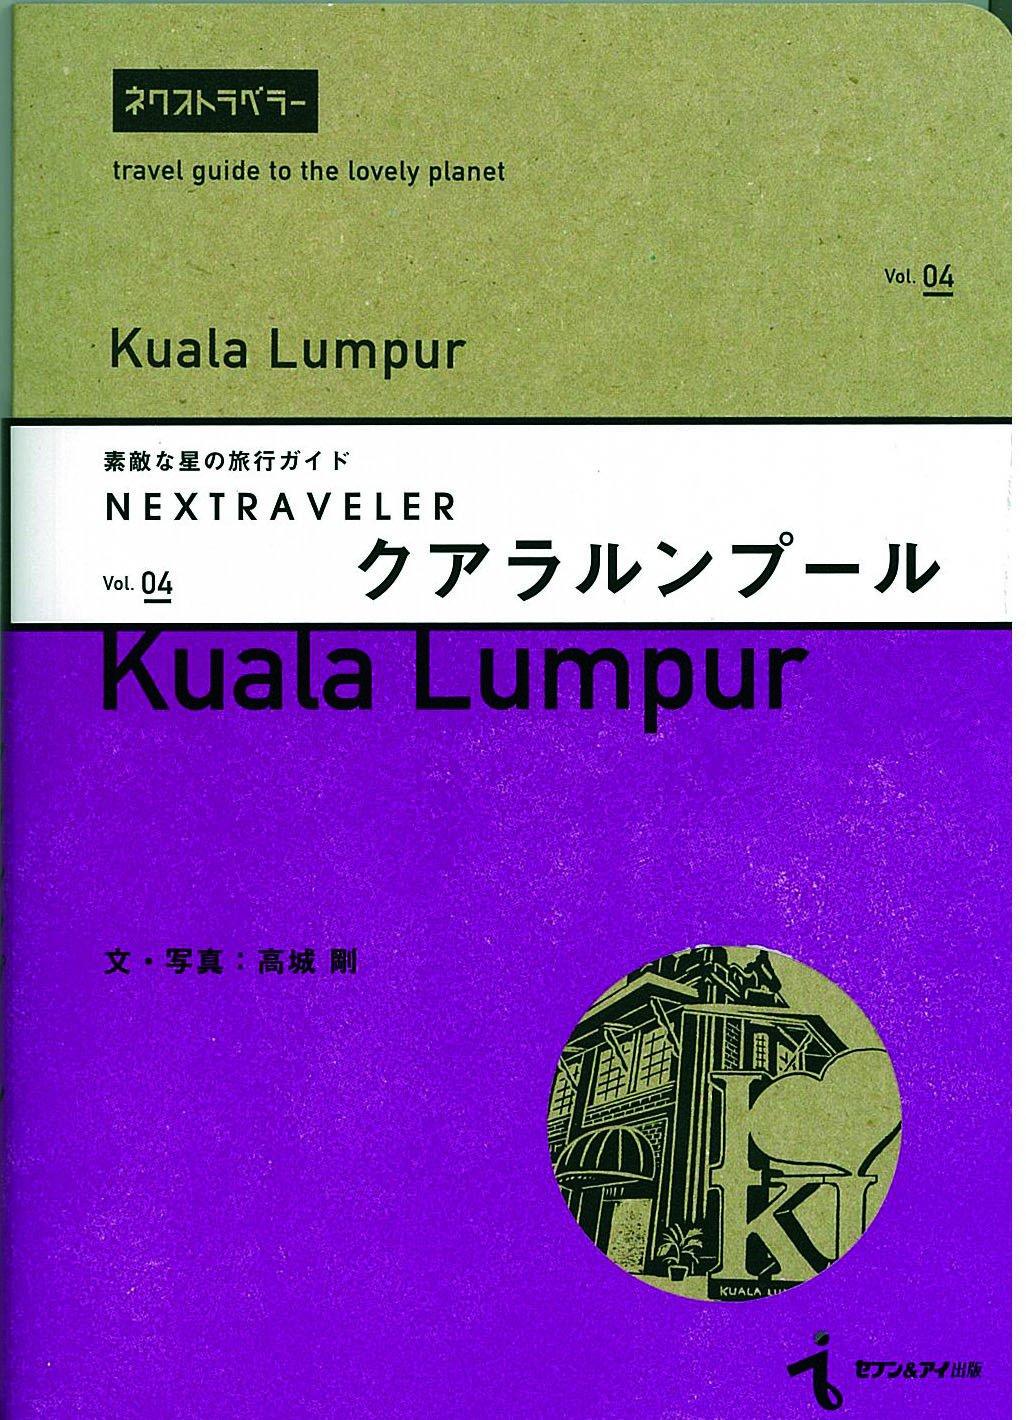 ネクストラベラー、クアラルンプール